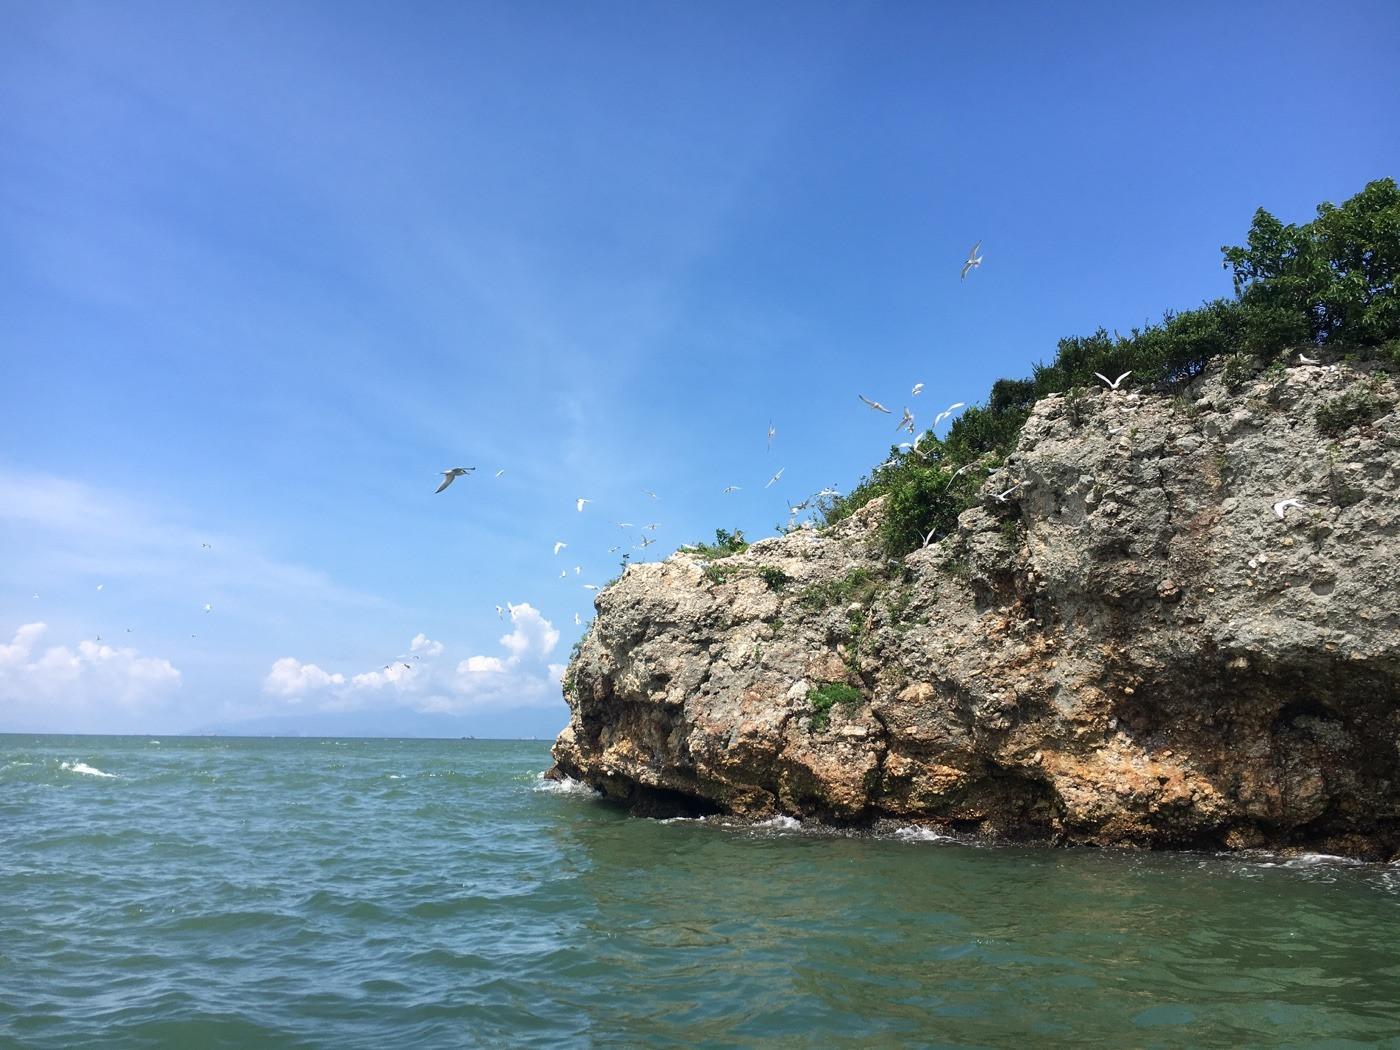 惠州巽寮湾-入住海王星酒店、私人沙滩、冰雪乐园纯玩、自助早餐2日半自助跟团游